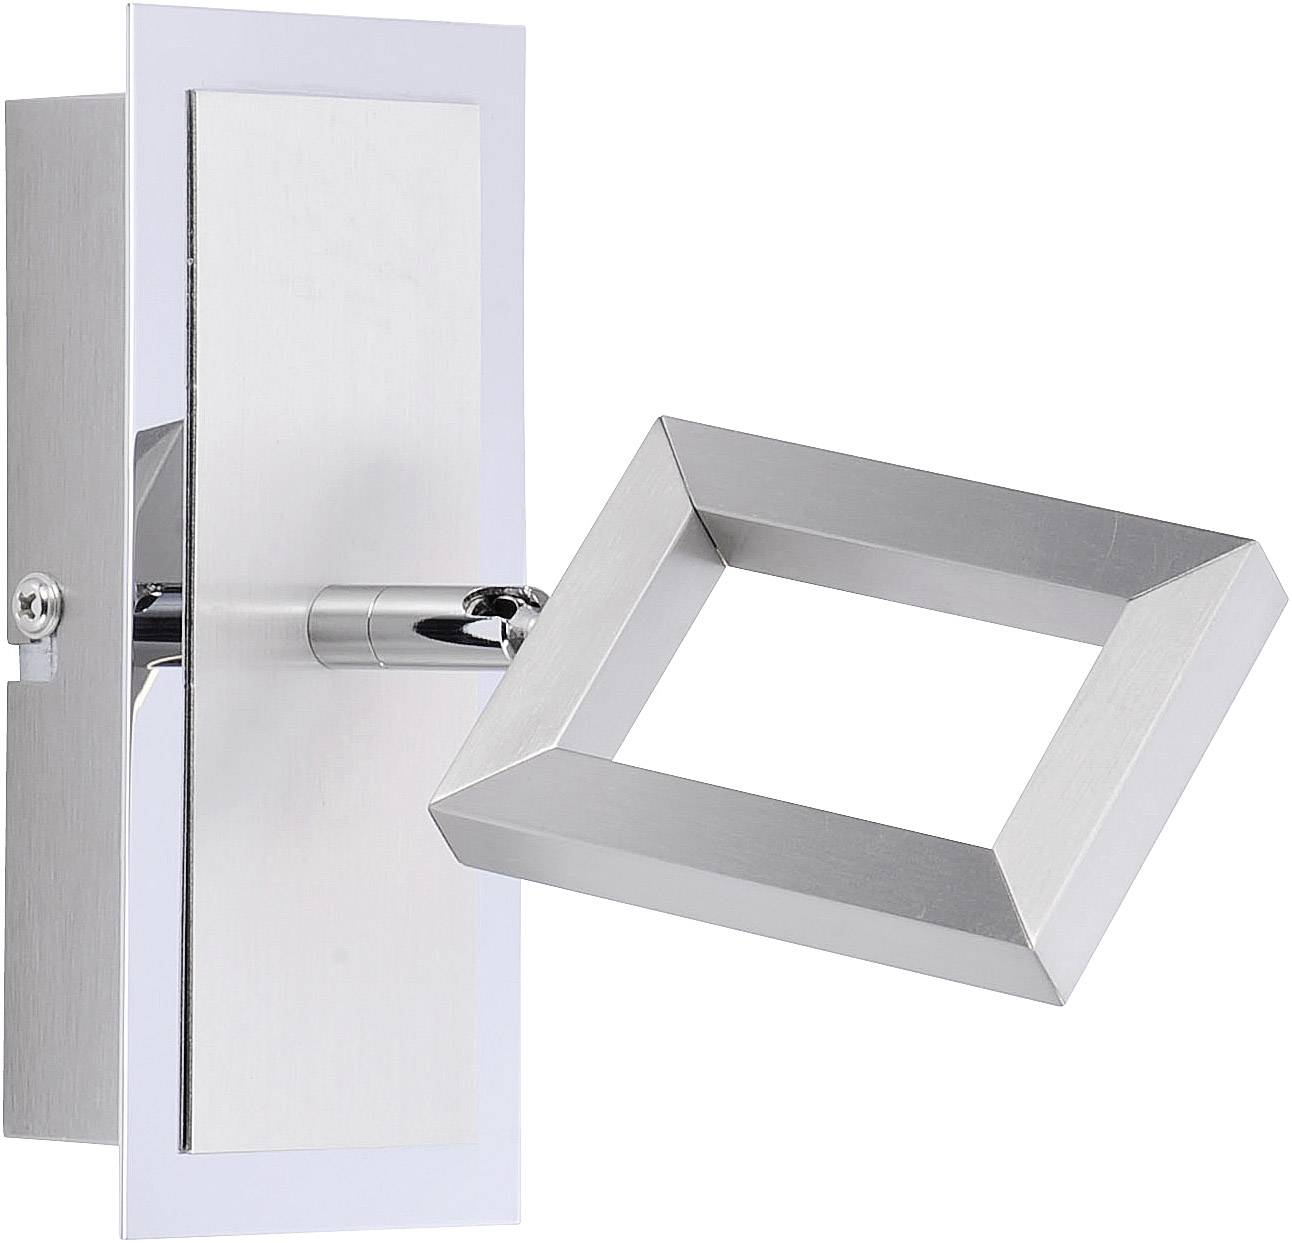 Nástěnný LED reflektor Brilliant Inigo 6957-55, 5 W, teplá bílá, ocelová